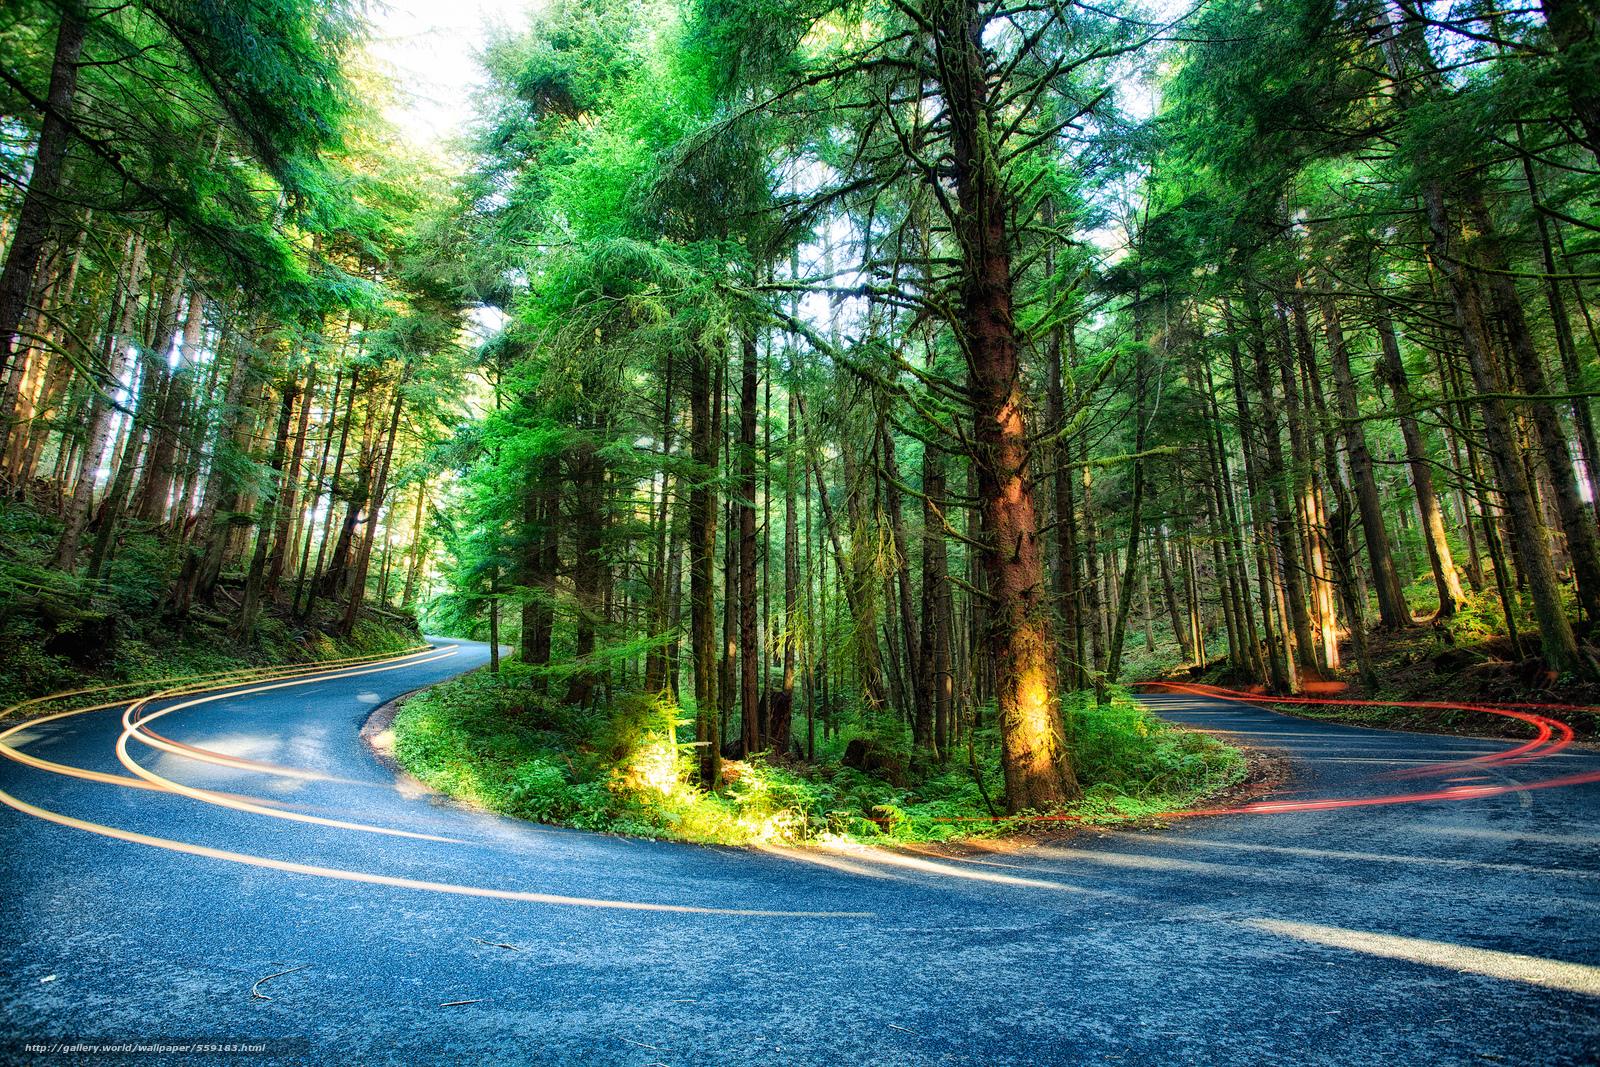 Скачать обои Ecola State Park,  штат Орегон,  лес,  деревья бесплатно для рабочего стола в разрешении 2400x1600 — картинка №559183